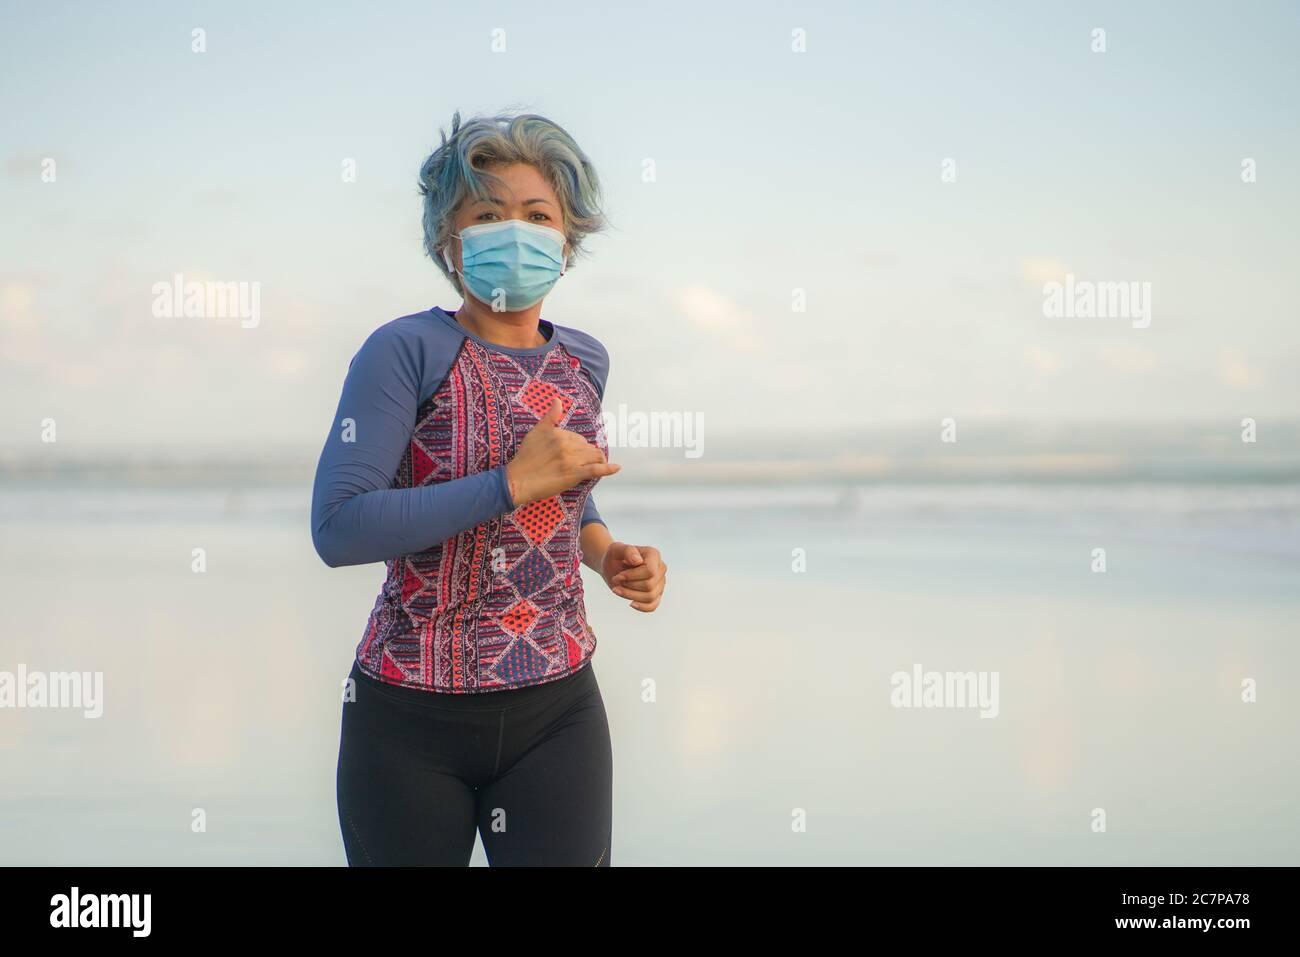 nuevo entrenamiento normal de running con máscara - atractiva y feliz mujer de mediana edad en sus 40 o 50 años haciendo footing después de la cuarentena en la hermosa playa Foto de stock